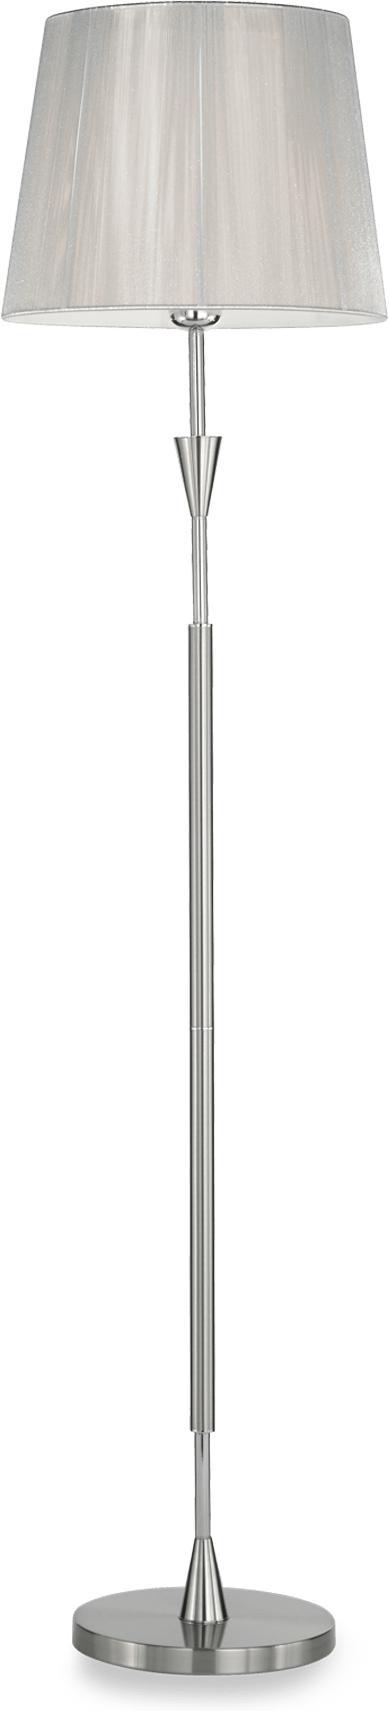 Ideal lux LED Paris Lampe stehende 5W 14968